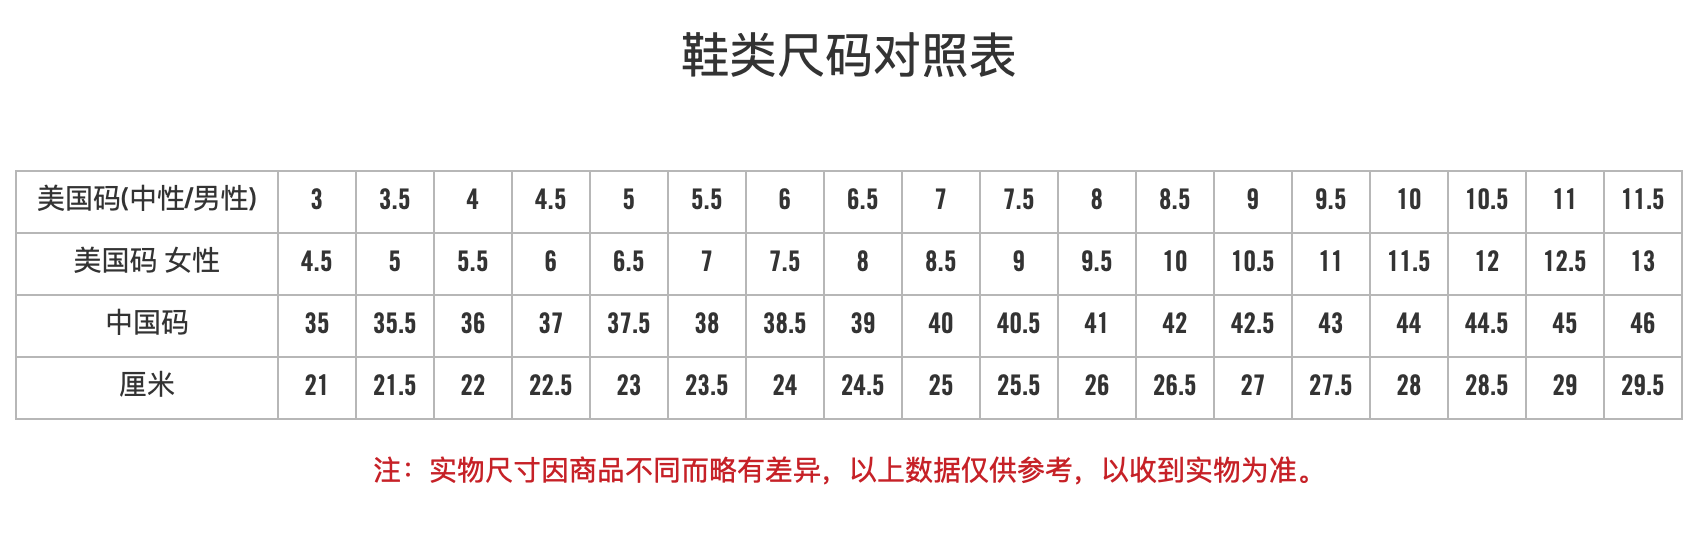 CONVERSE 匡威PRO LEATHER系列运动鞋